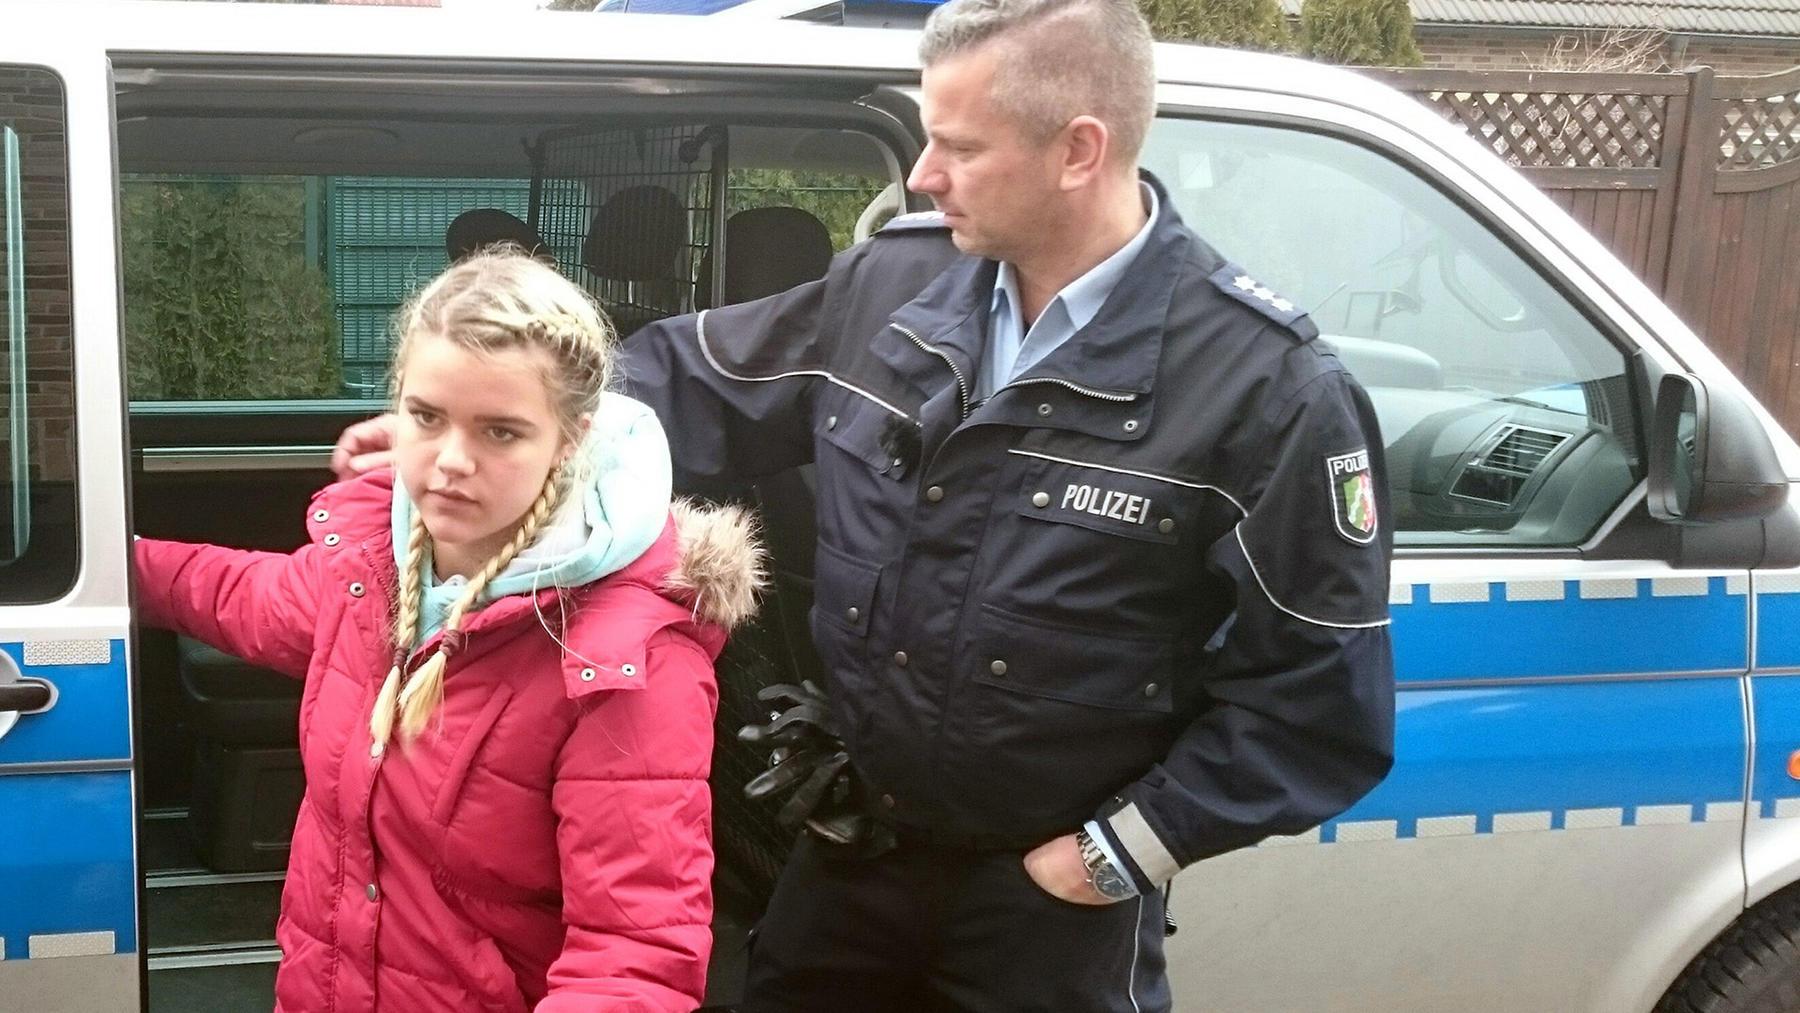 15-Jähriger droht Schule in die Luft zu sprengen | 28-Jährige randaliert wegen verpfuschter Brust-OP vor Arztpraxis | 18-Jährige wird betäubt aufgefunden | 14-Jährige will nach Spanien auswandern | Folge 1